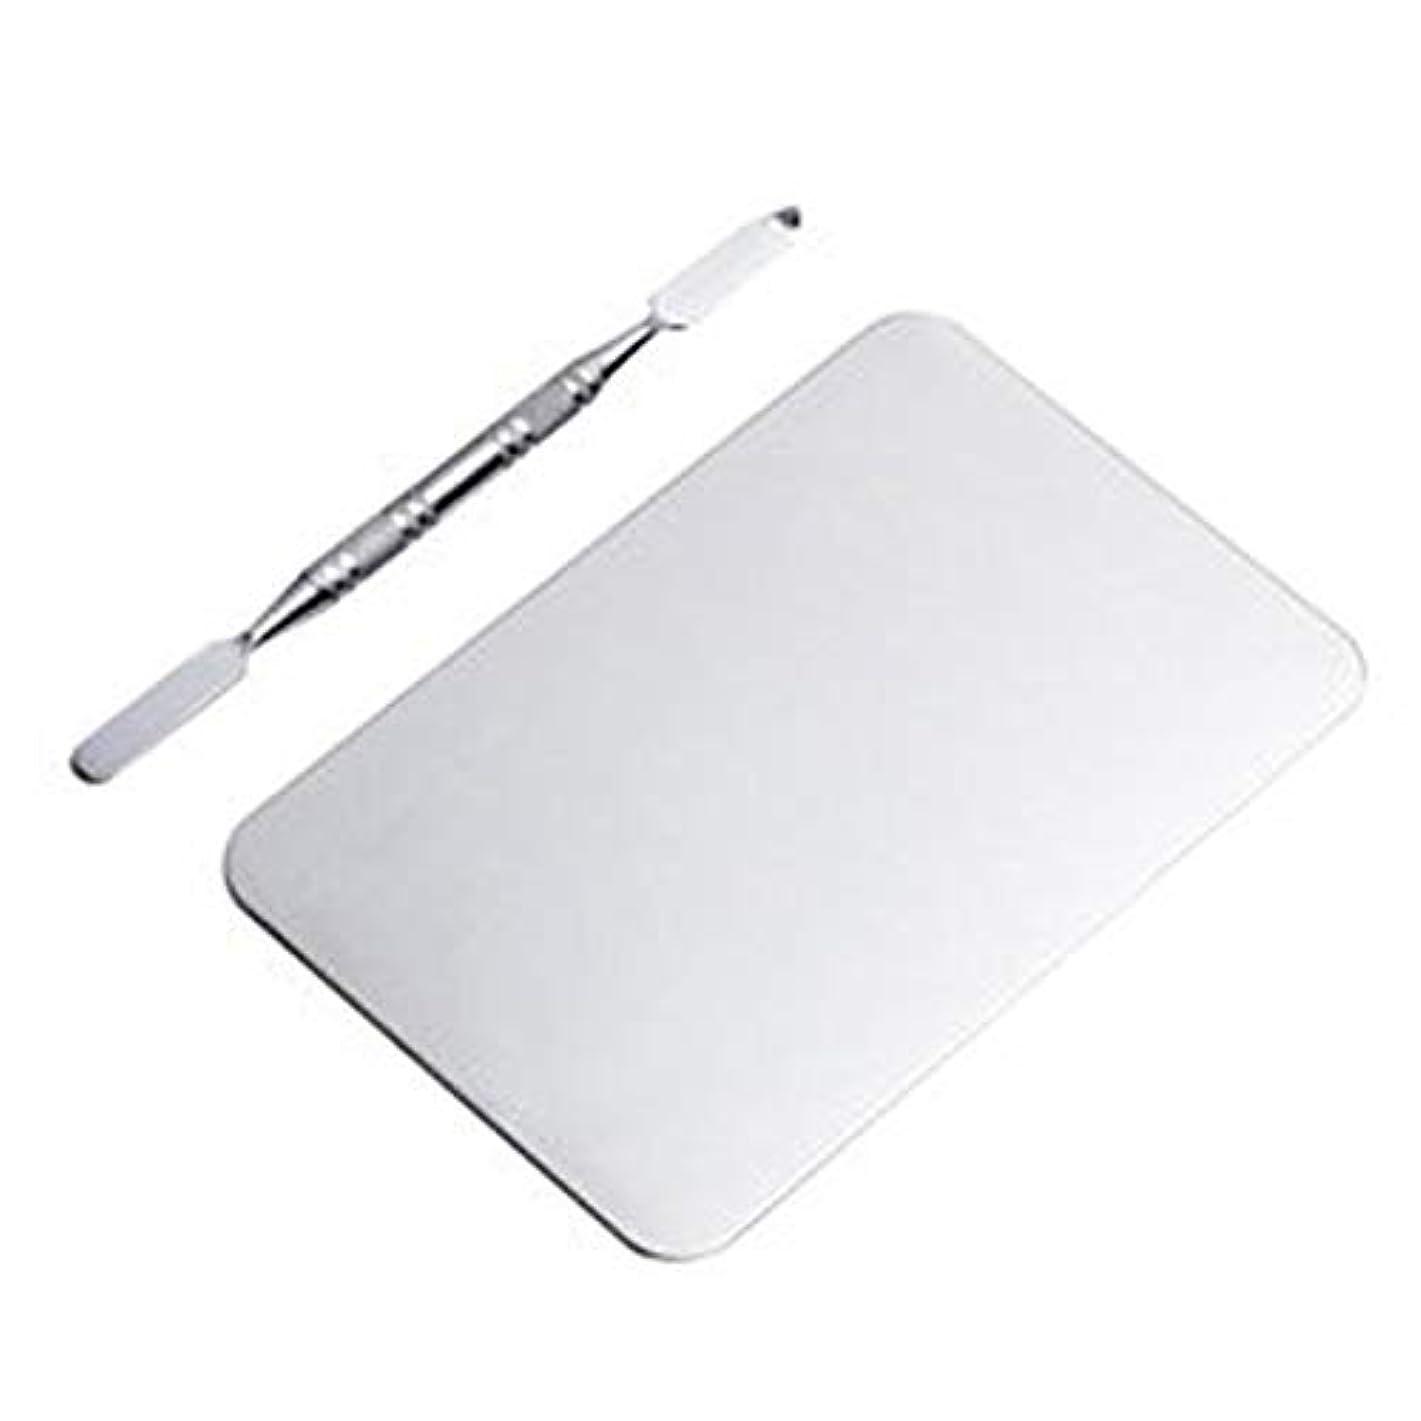 祖先テクスチャー蒸留するサロン マニキュア カラーパレット メイクアップクリームファンデーションミキシングパレット 化粧品メイクアップツール ステンレス鋼板(115x75MM) (Color : Nonporous)